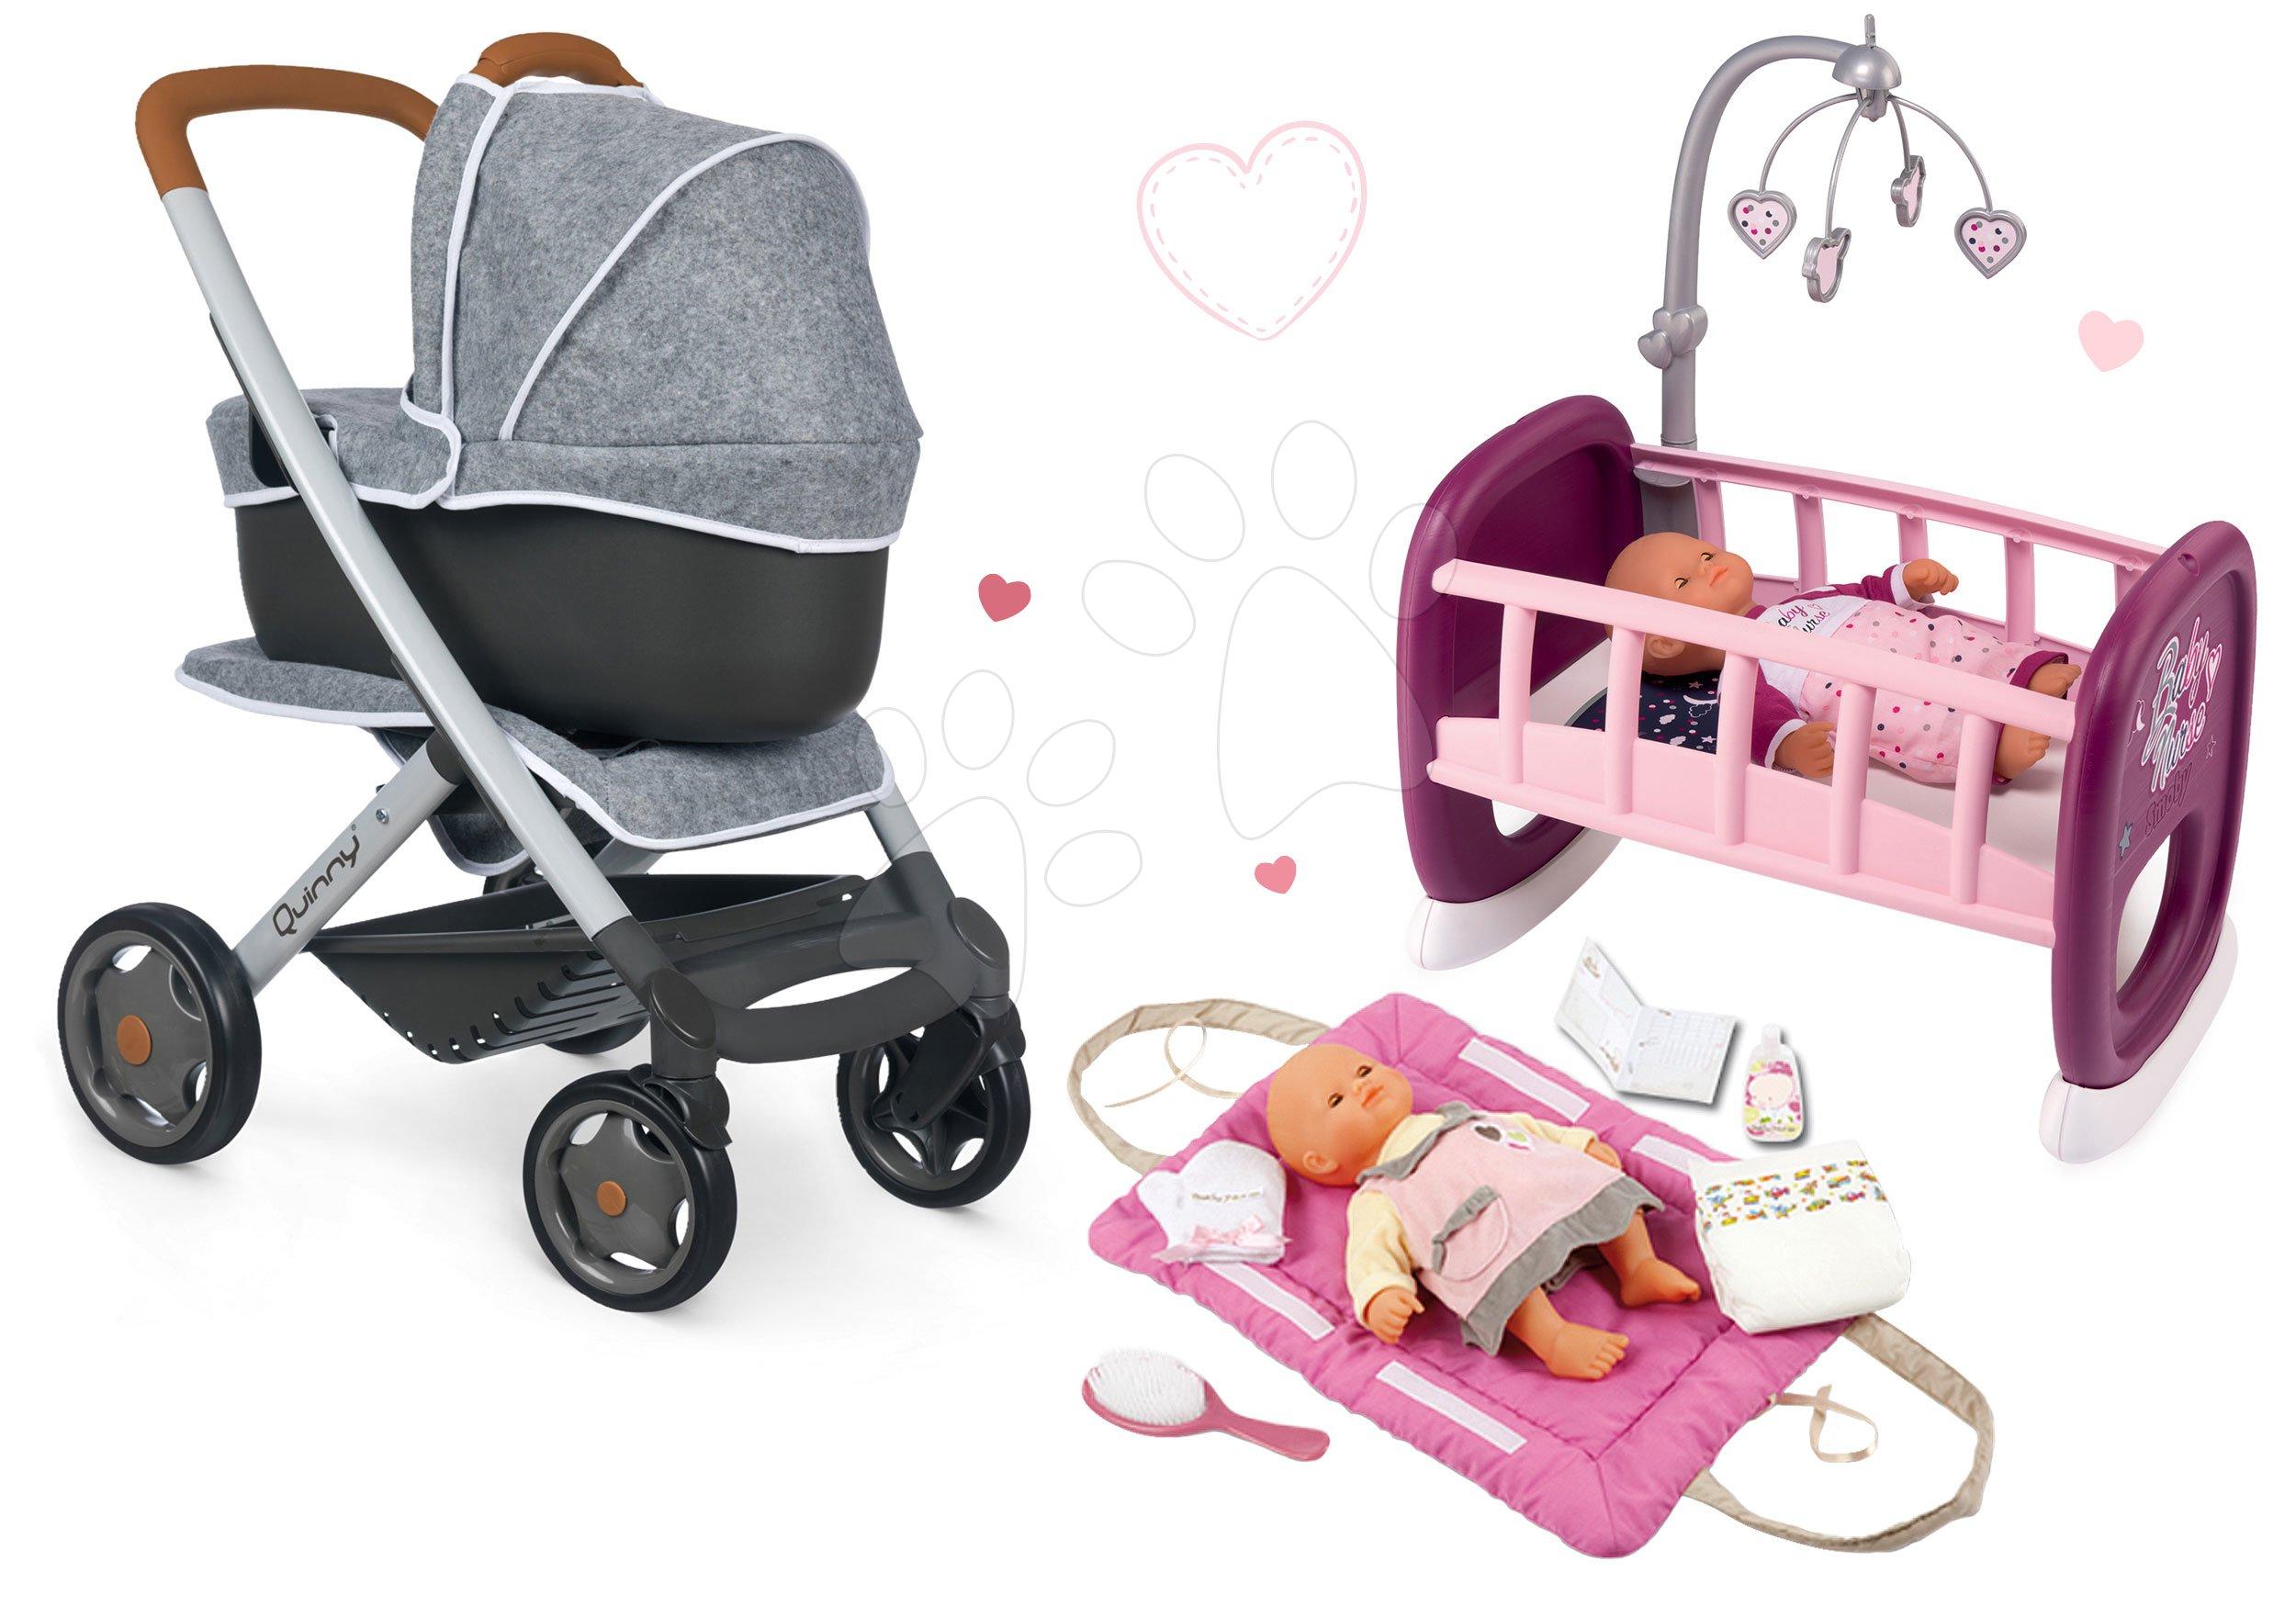 Set kočárek hluboký a sportovní DeLuxe Pastel Maxi Cosi&Quinny Grey 3v1 Smoby a kolébka Baby Nurse s přebalovací podložkou